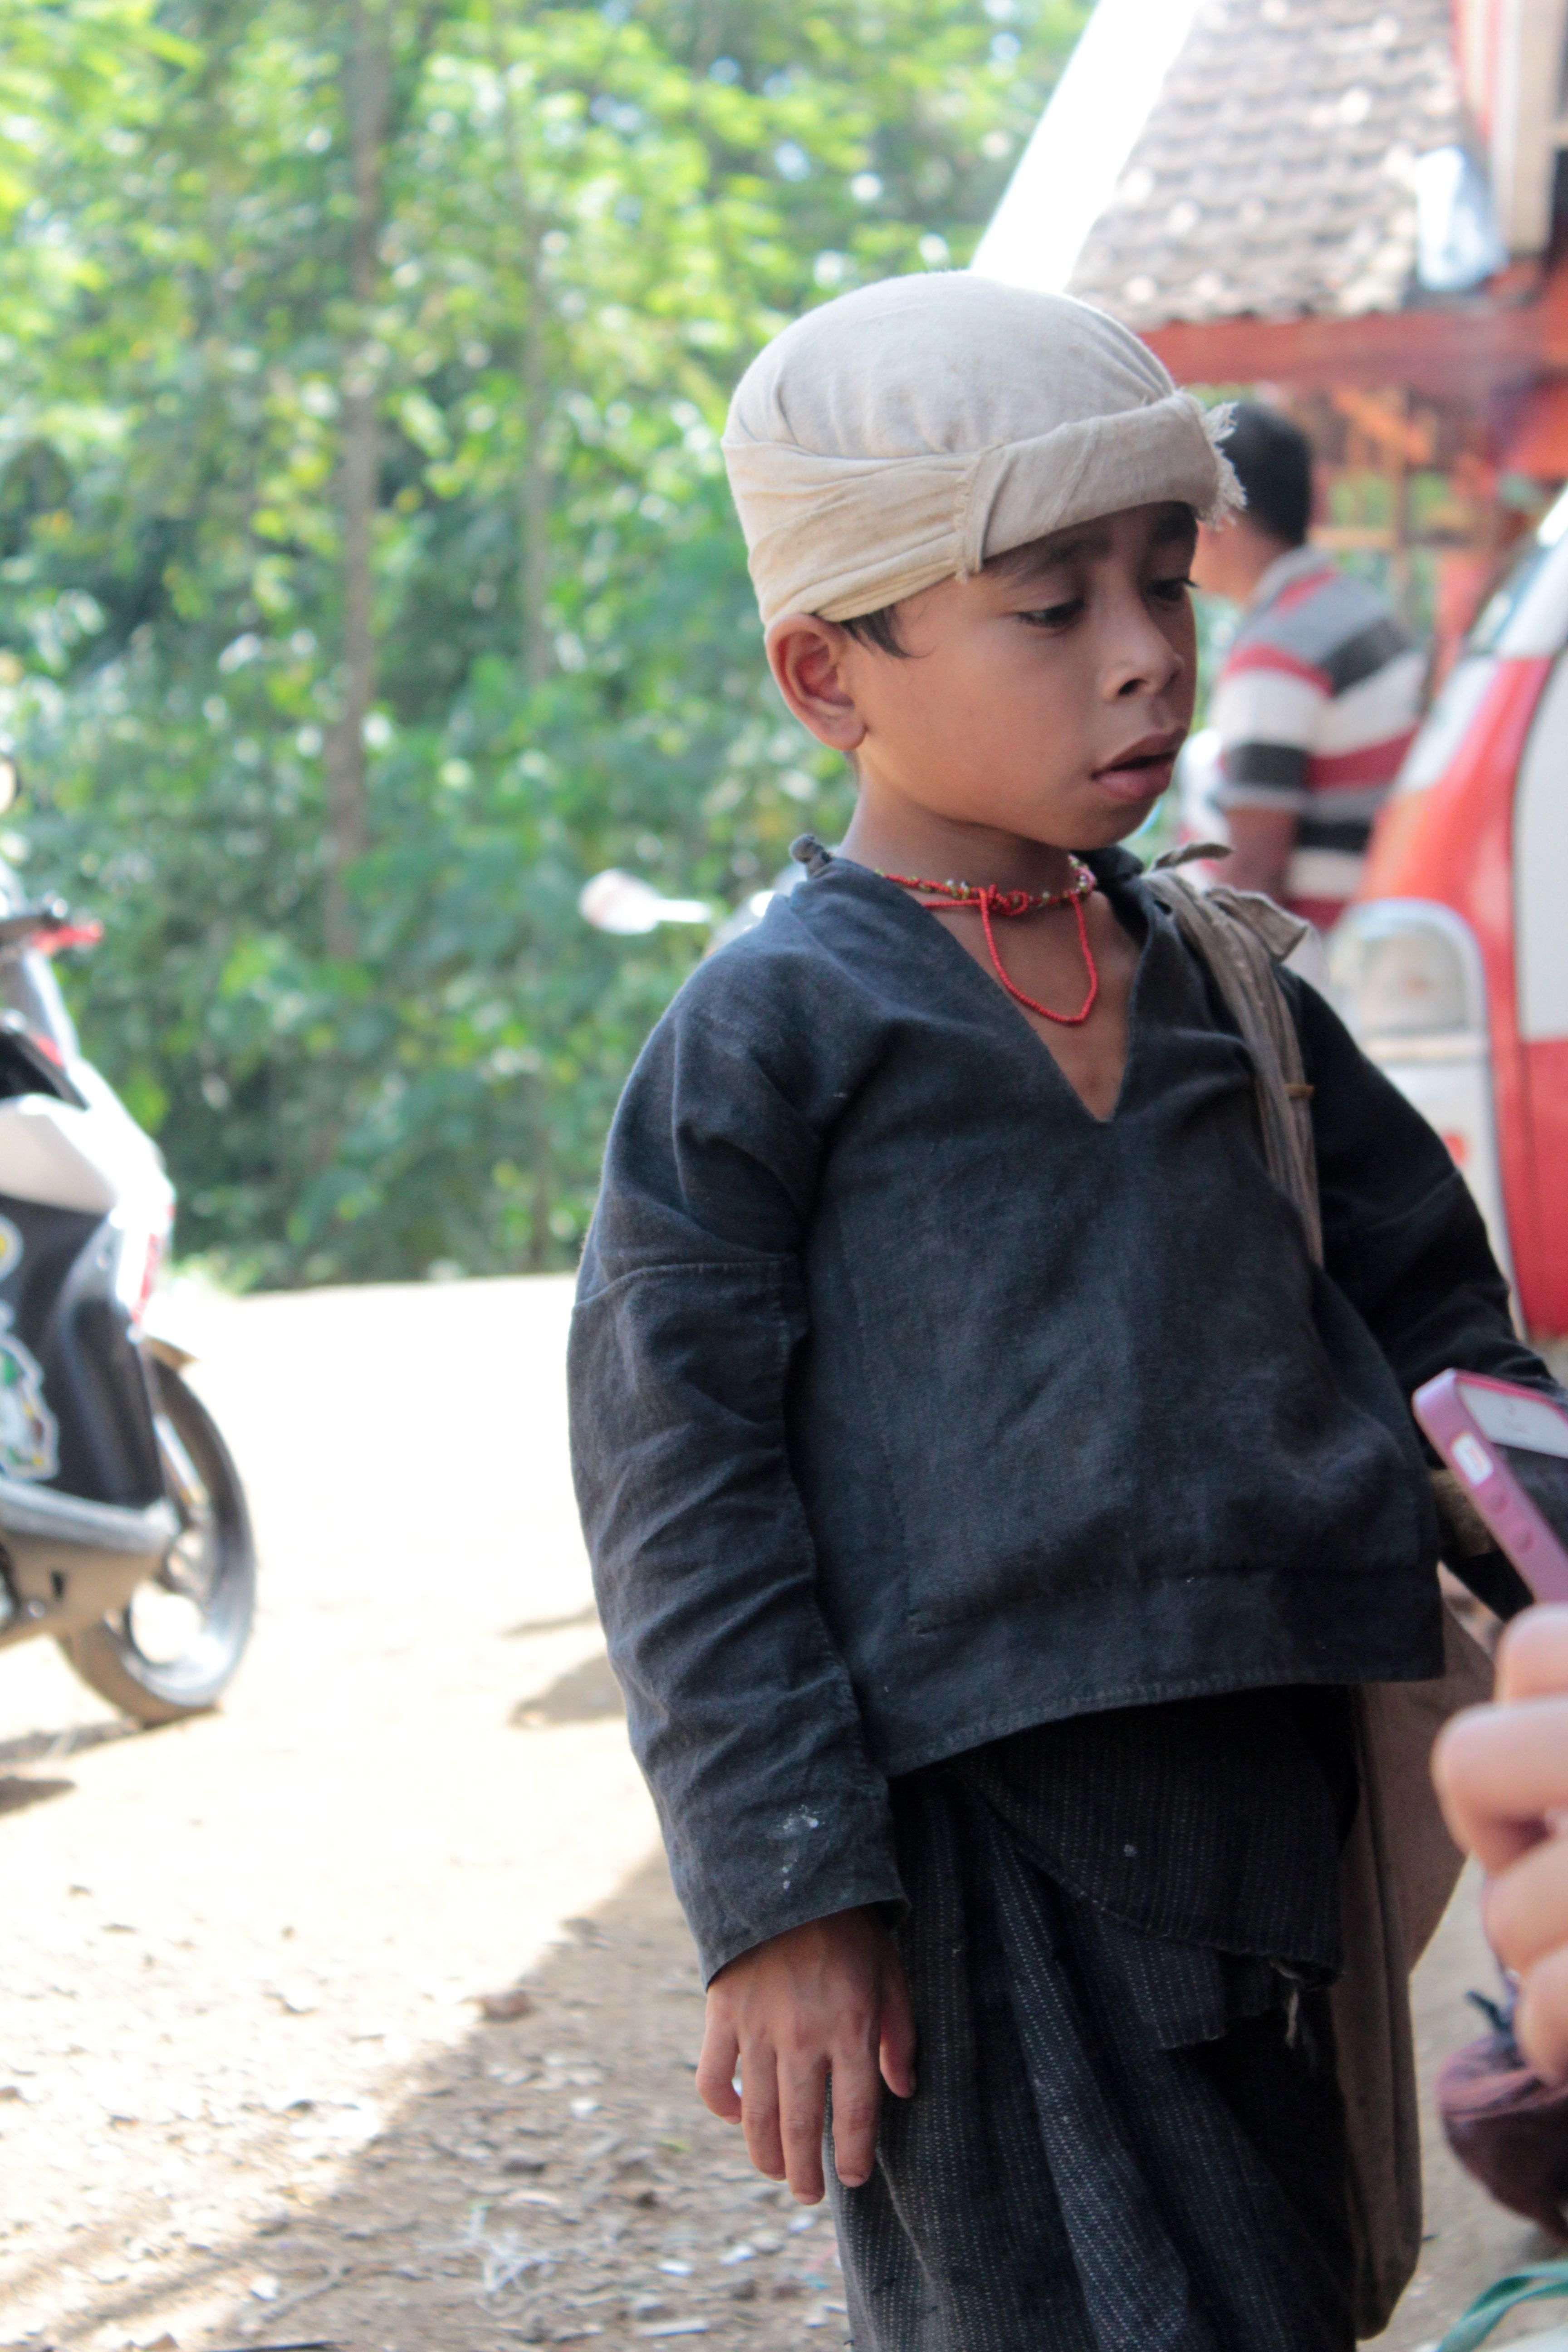 Rare Suku Baduy Rare Itu Anak Kecil Tingkah Lucu Anak Anak